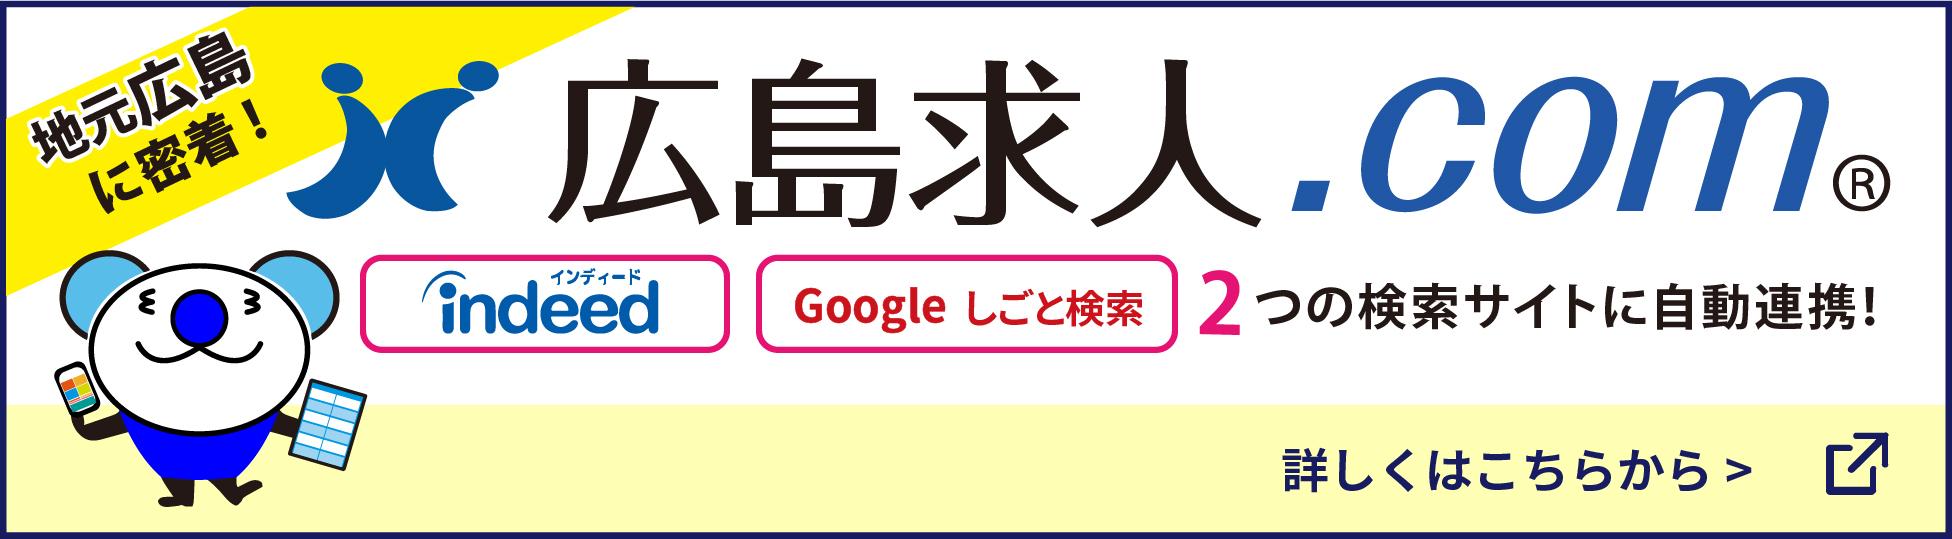 広島に特化した求人情報広告の掲載をお考えの方へ